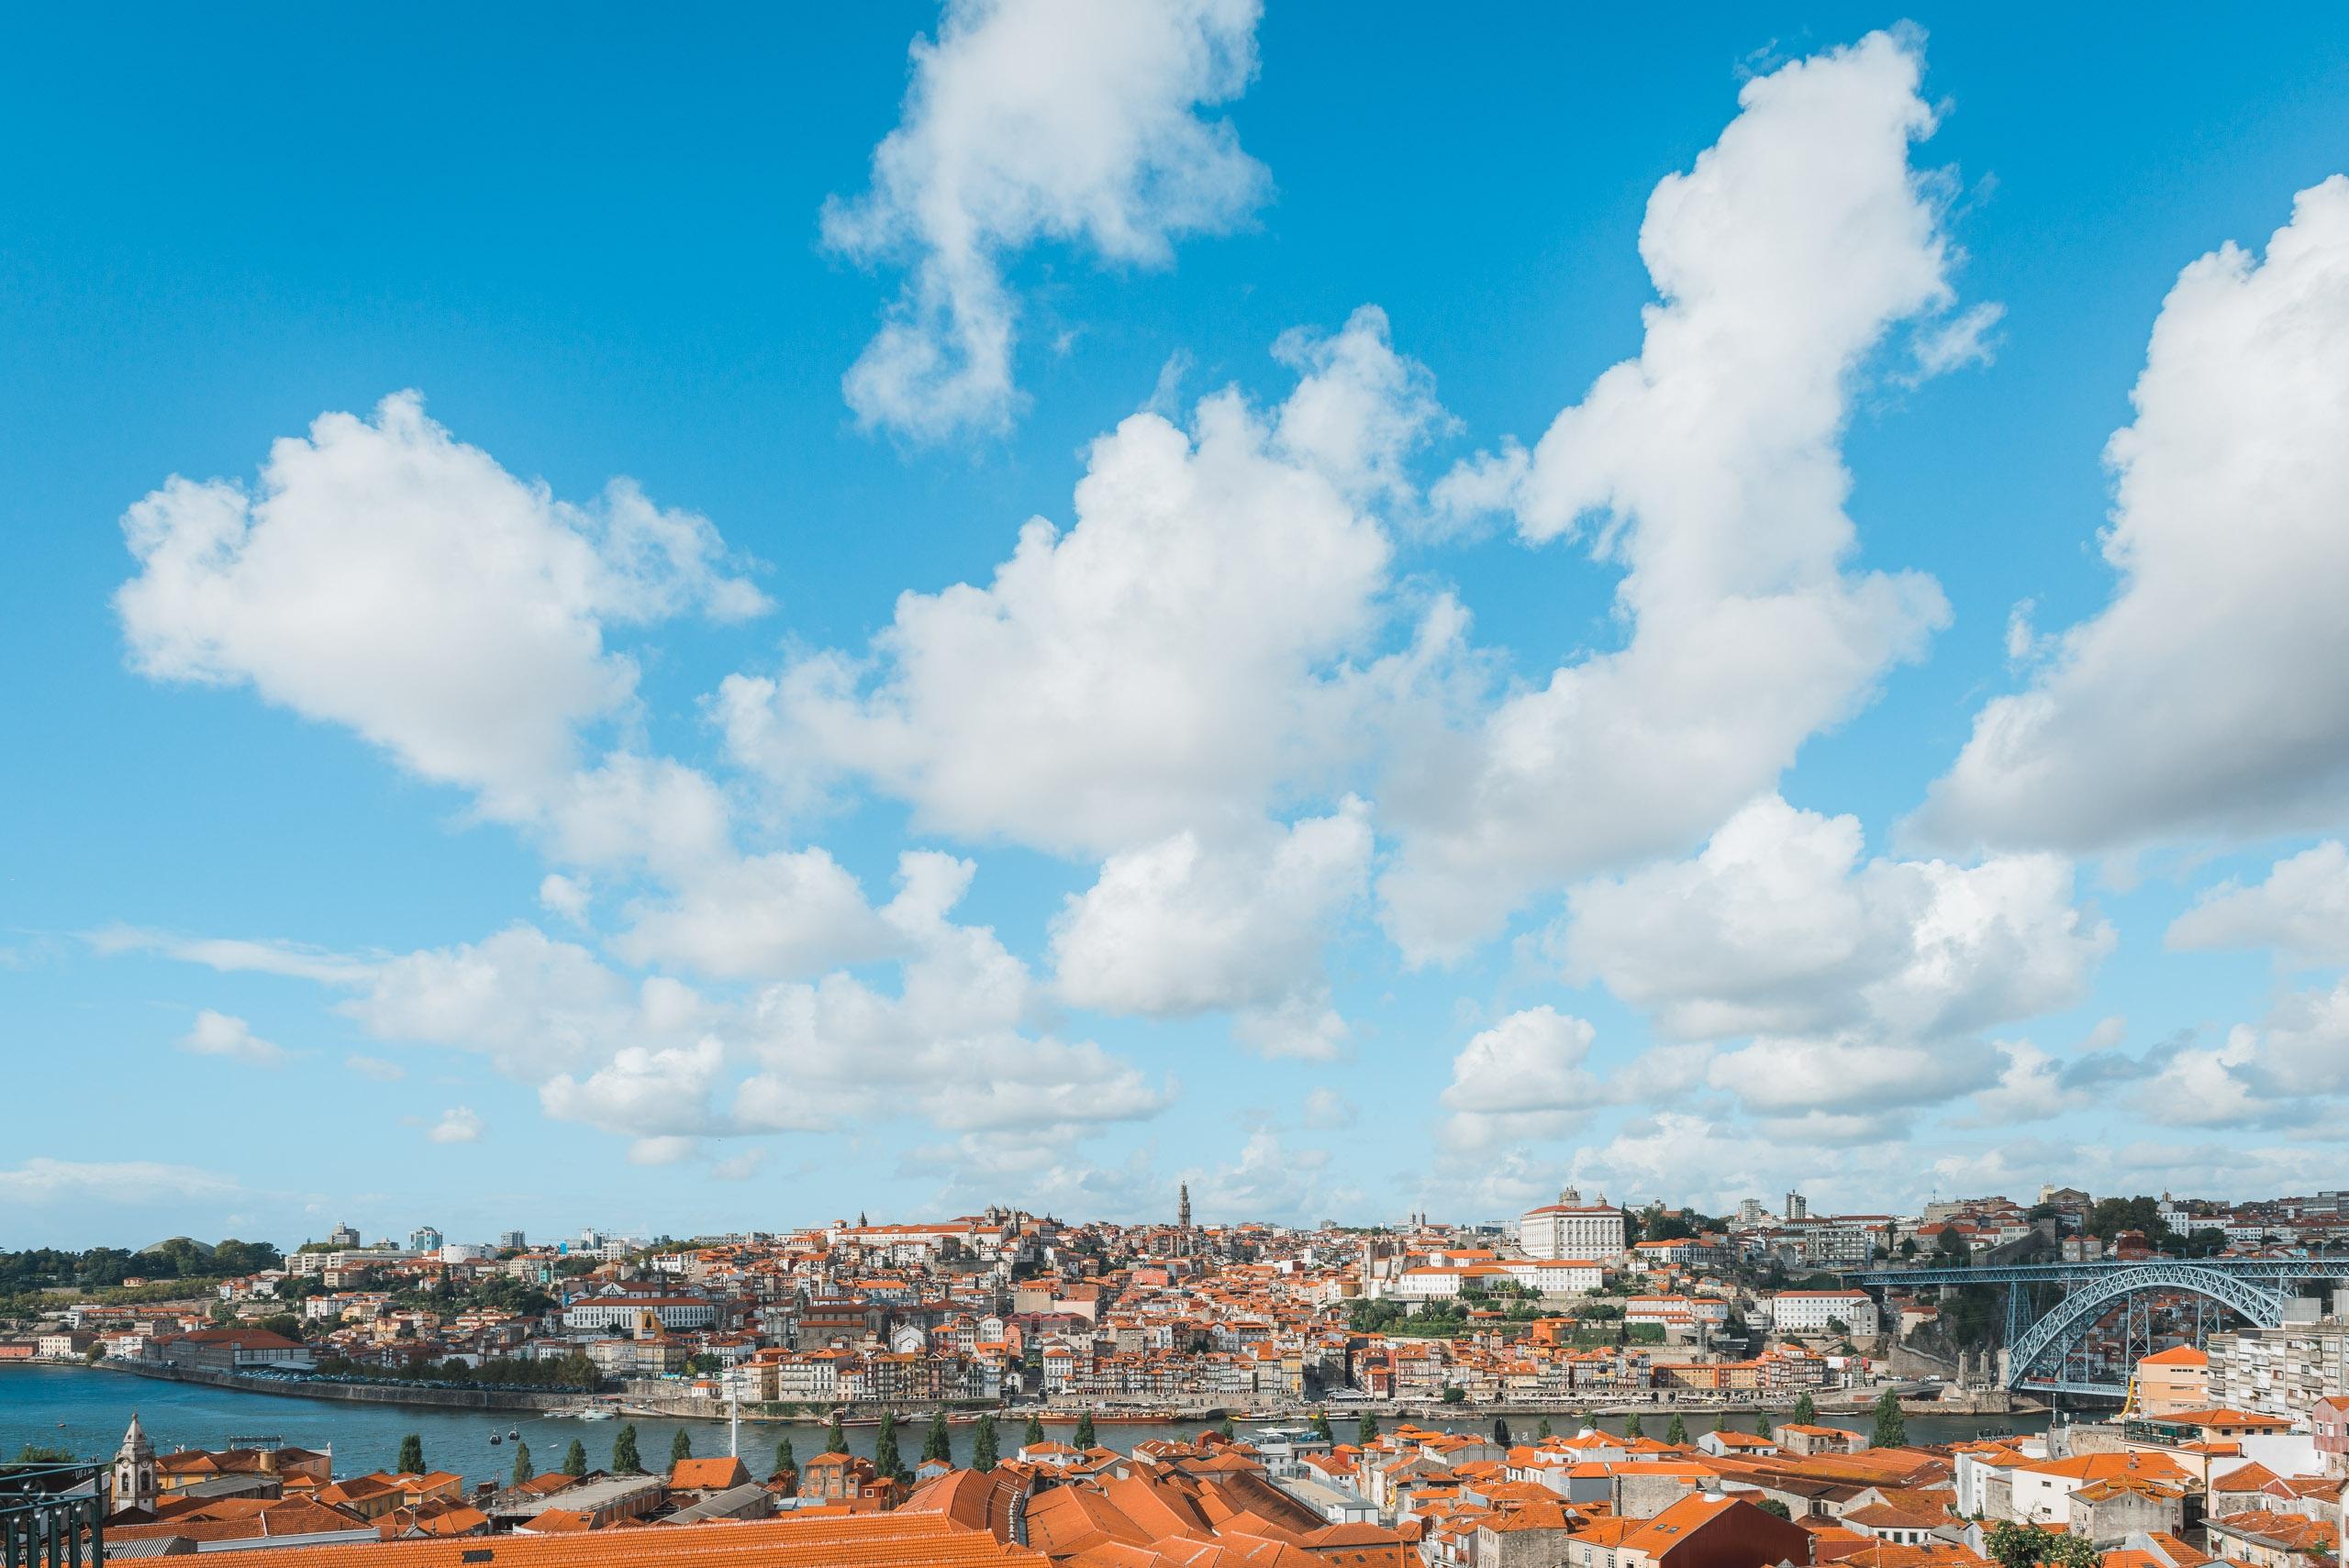 Portugal - Porto - 2012-0926-DSC_1922_110802